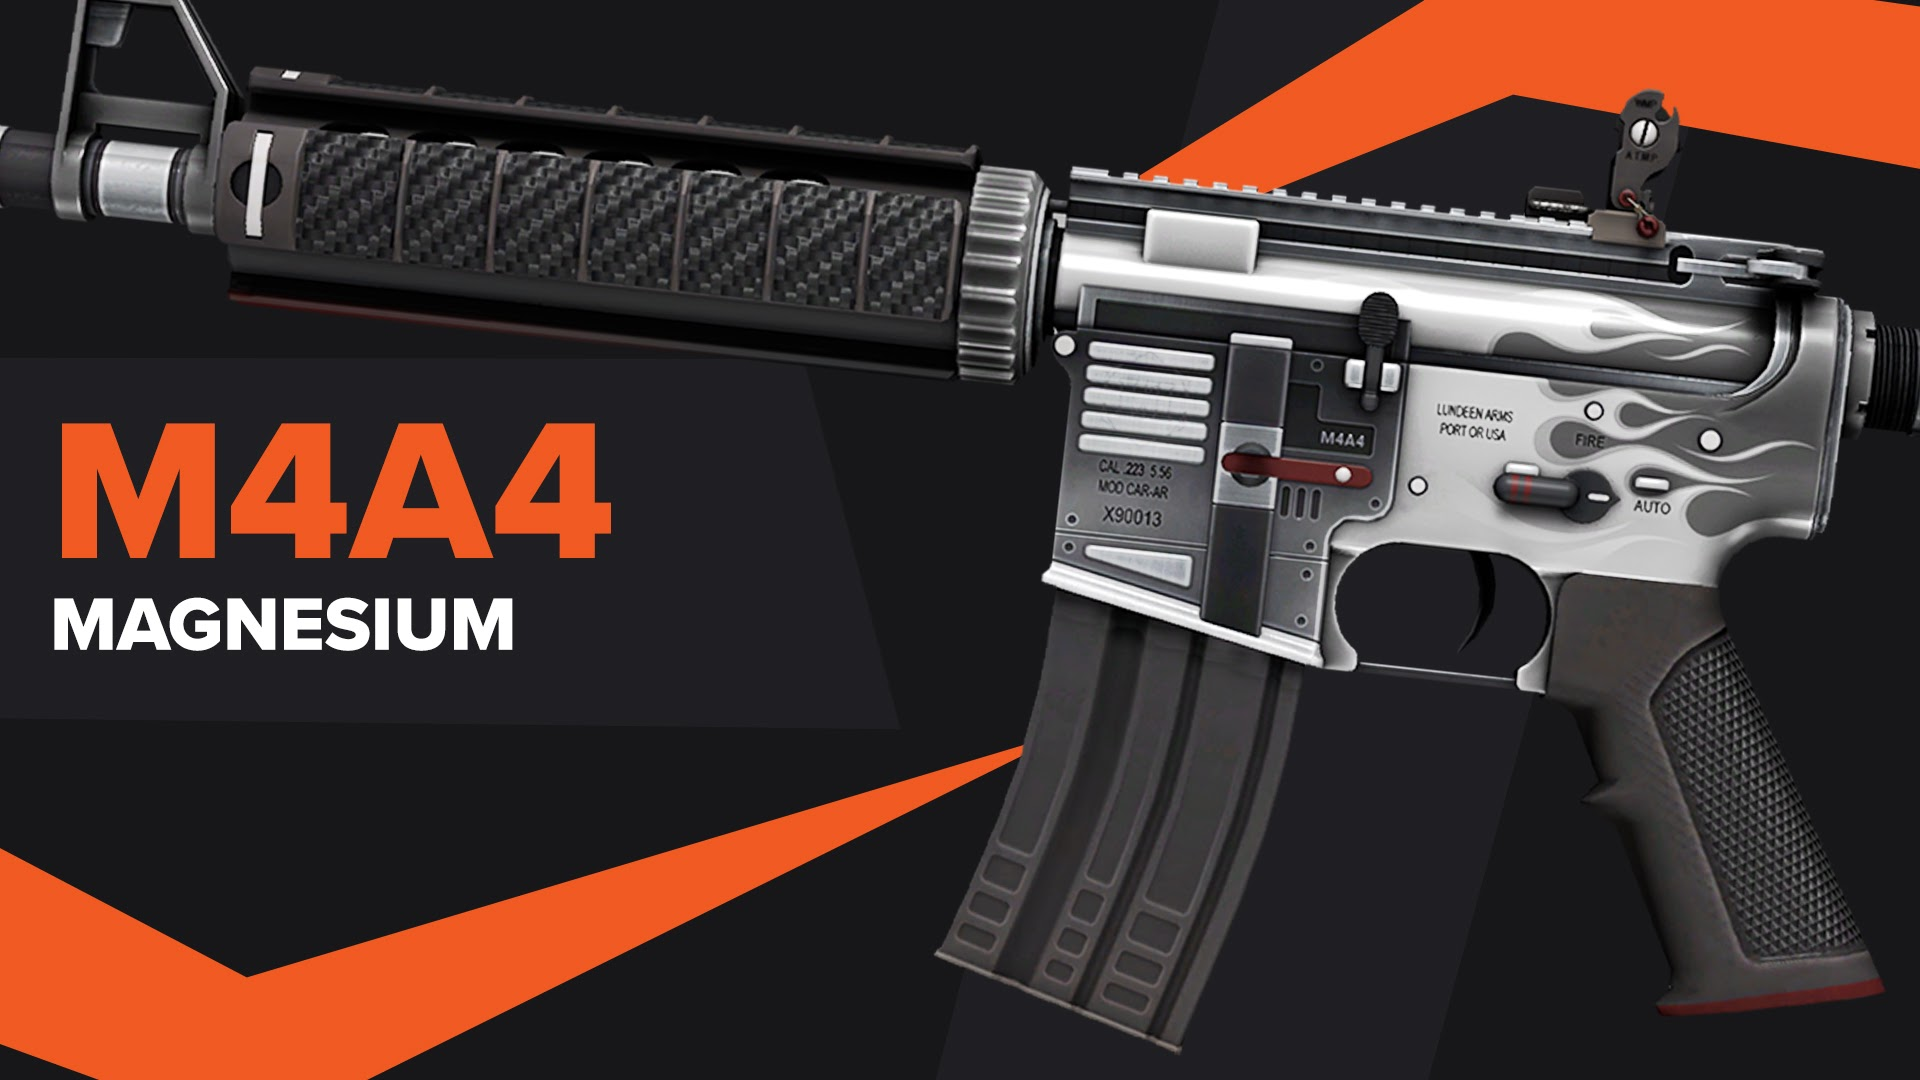 Magnesium CSGO Skin M4A4